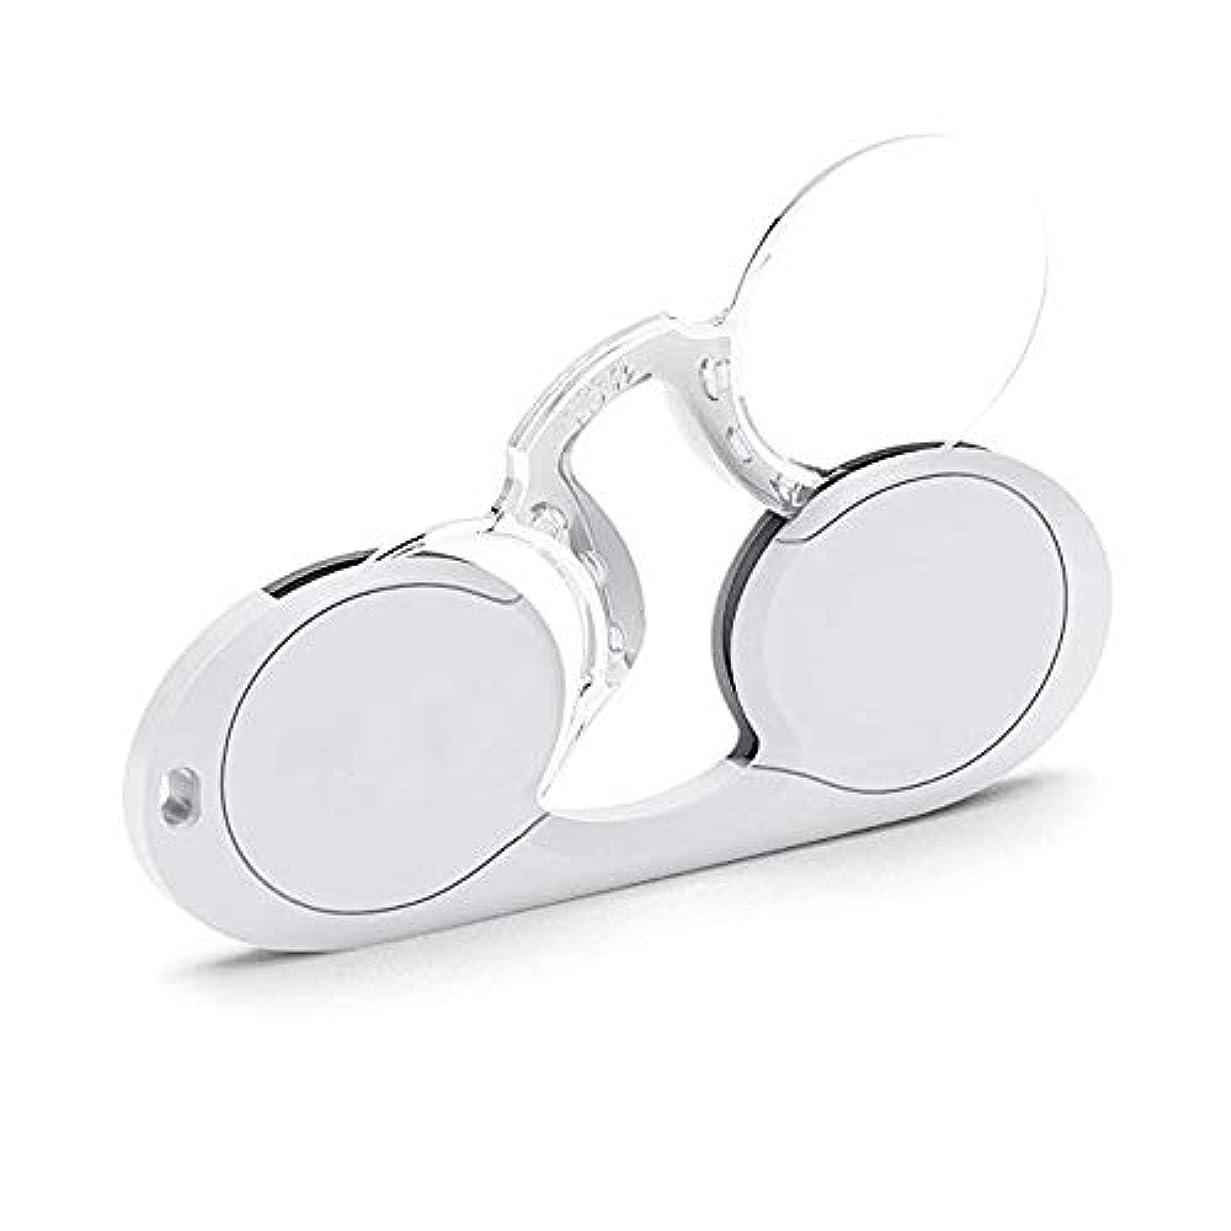 ポータブル老眼鏡、超軽量ミニノーズクリップファッションアームレス老眼鏡、クリスタルクリアビジョン,白,1.5